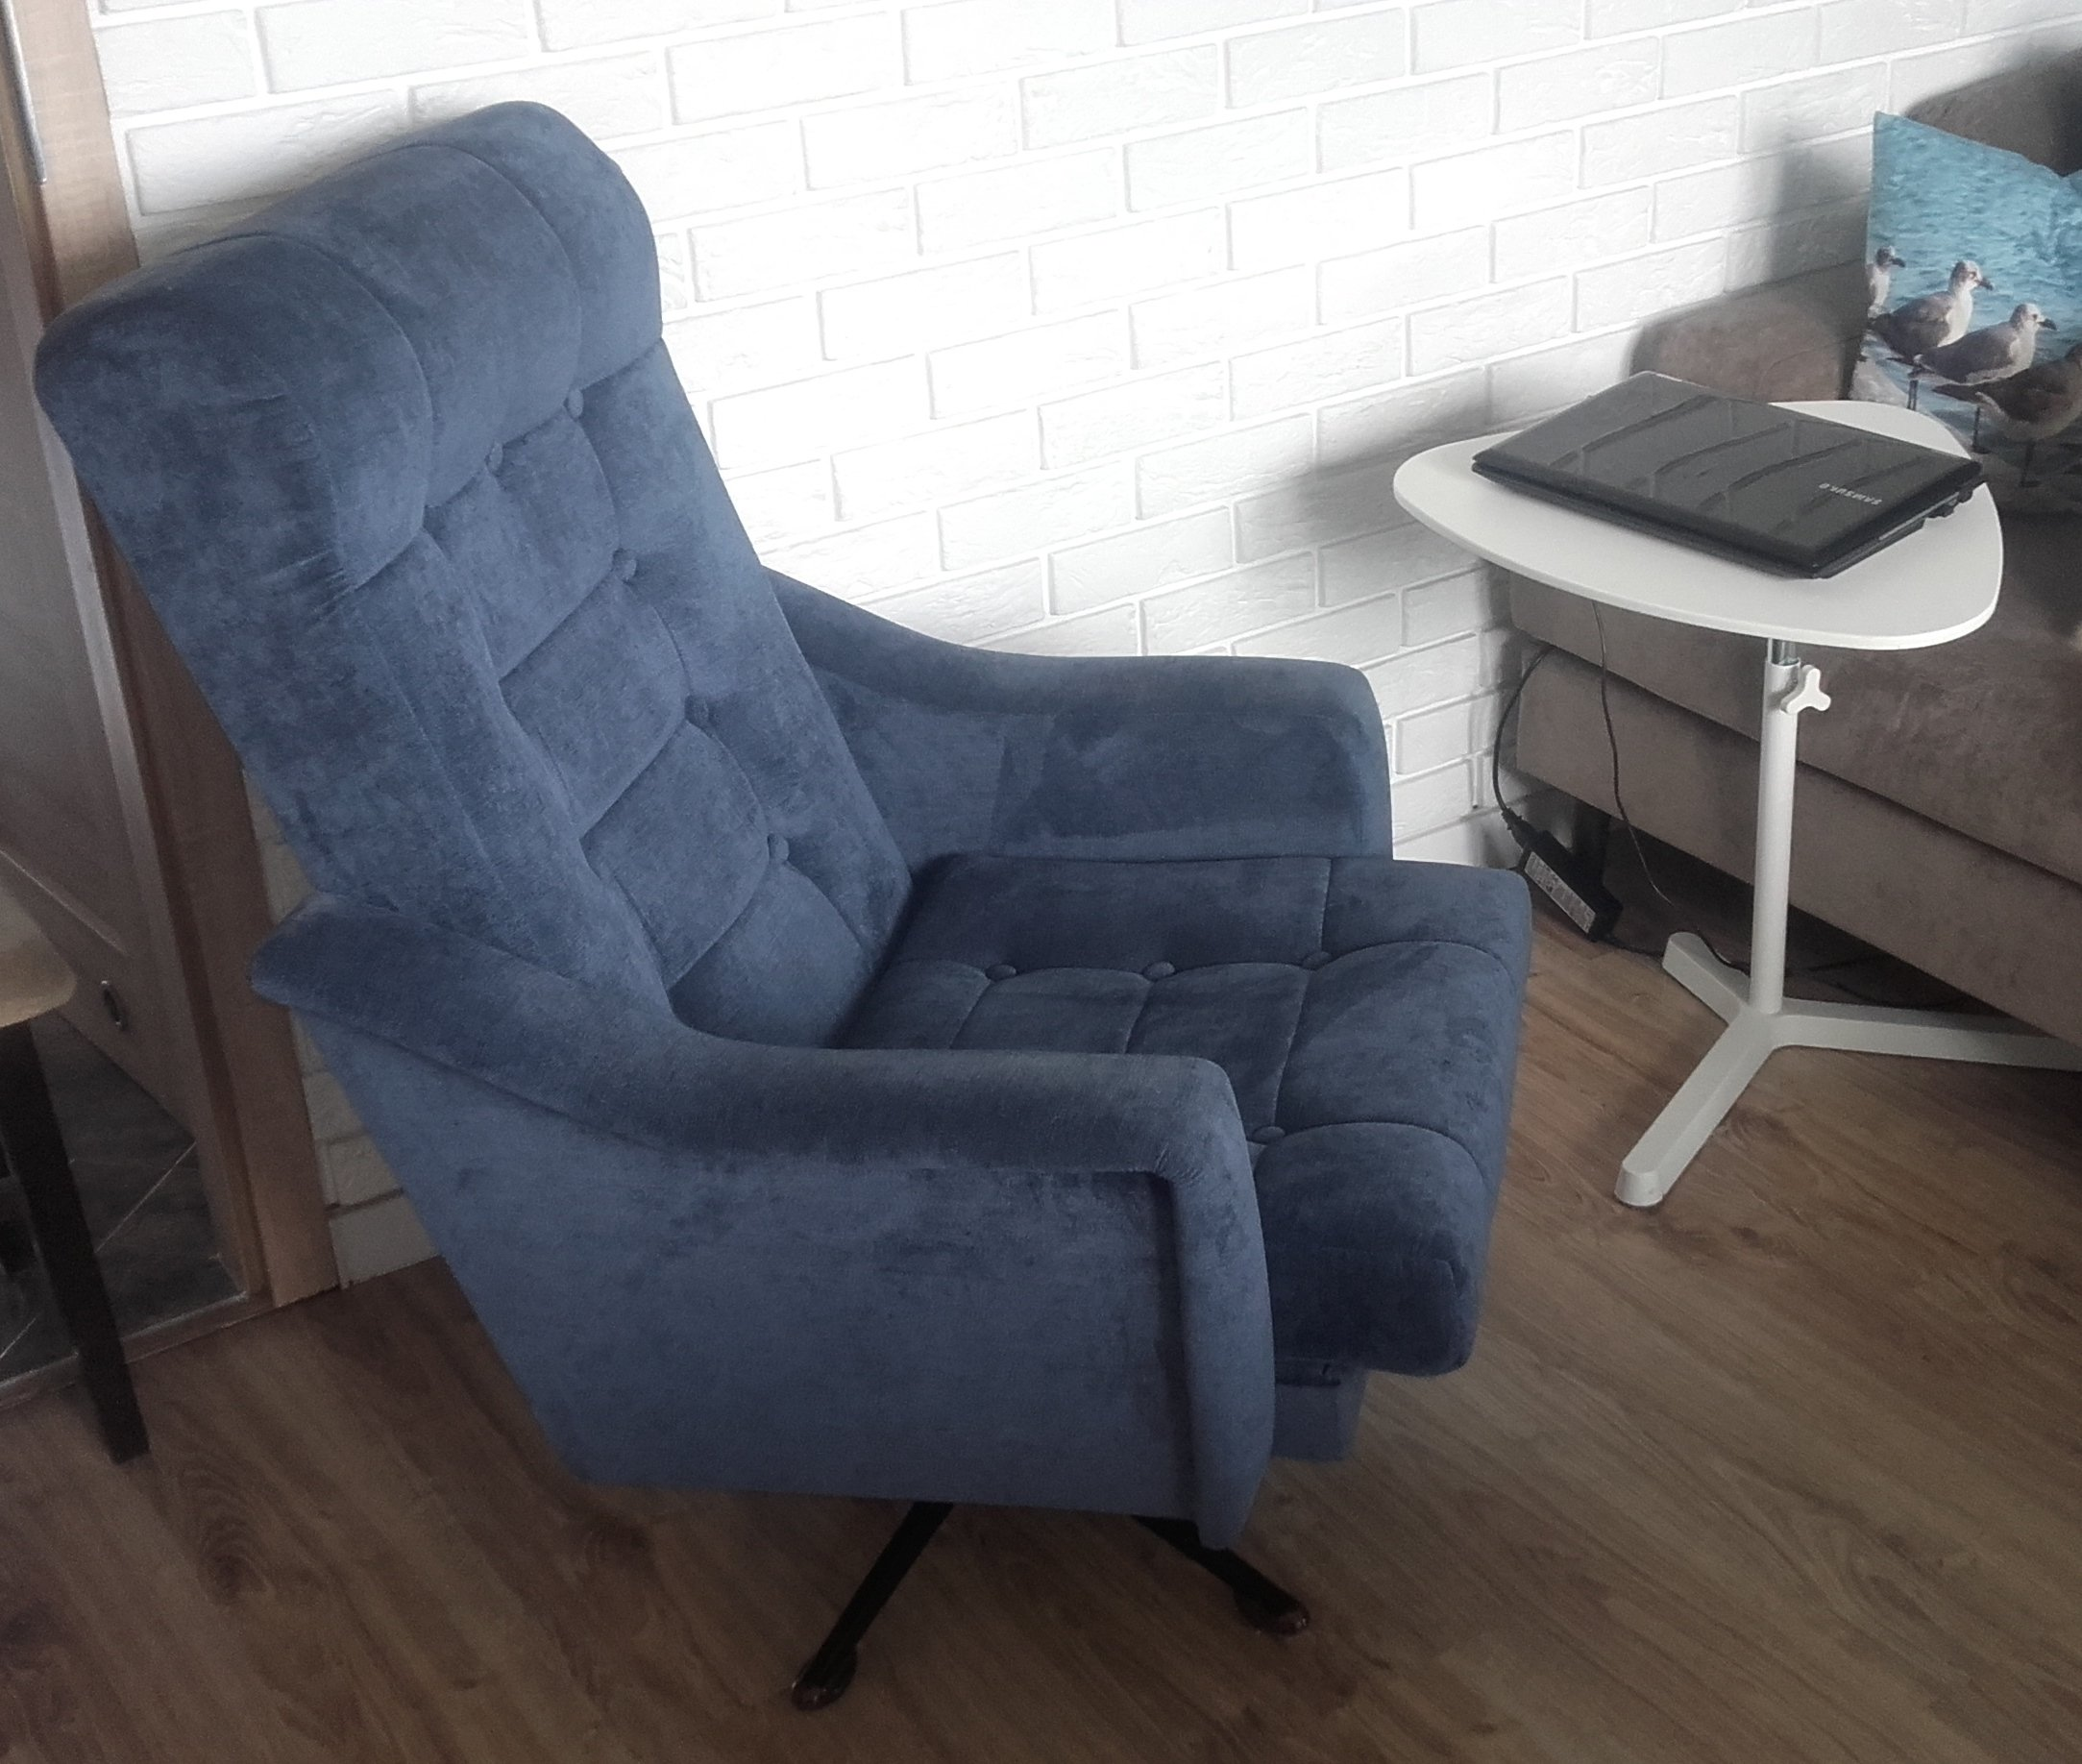 Fotel Prl Obrotowy 6859857786 Oficjalne Archiwum Allegro